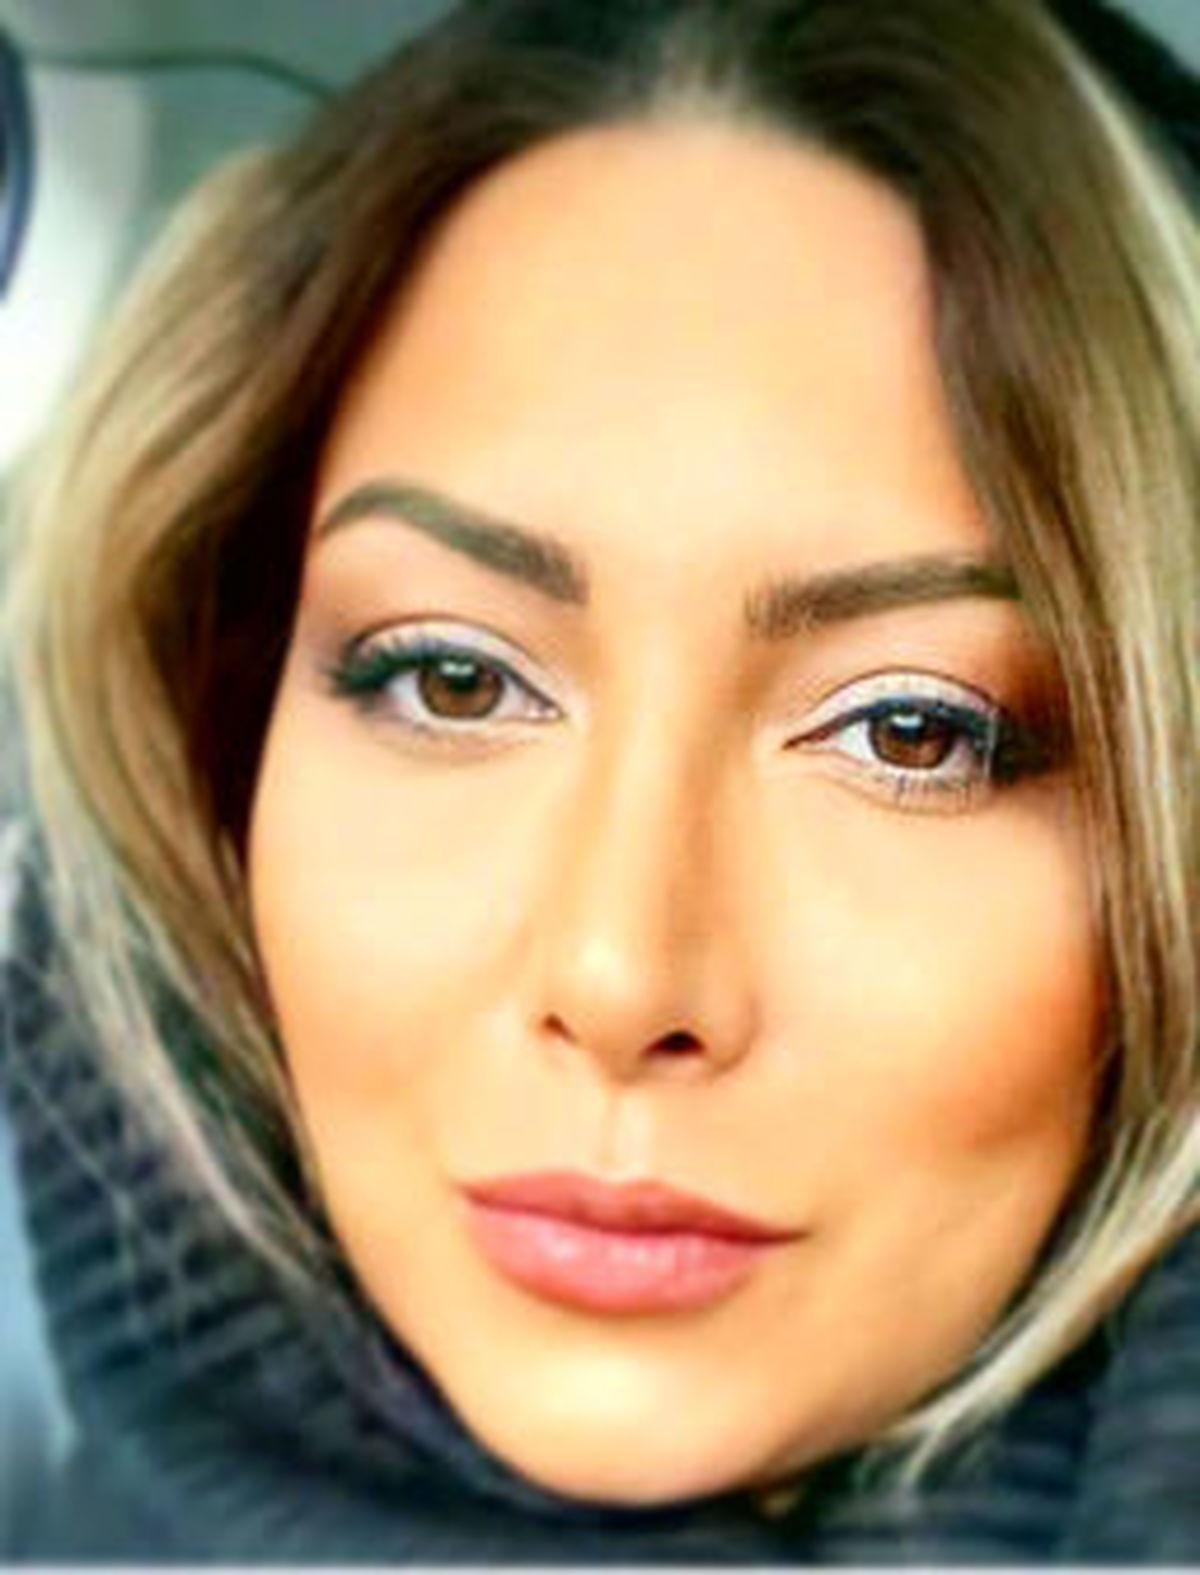 فریبا نادری را بدون آرایش ببینید+ عکس